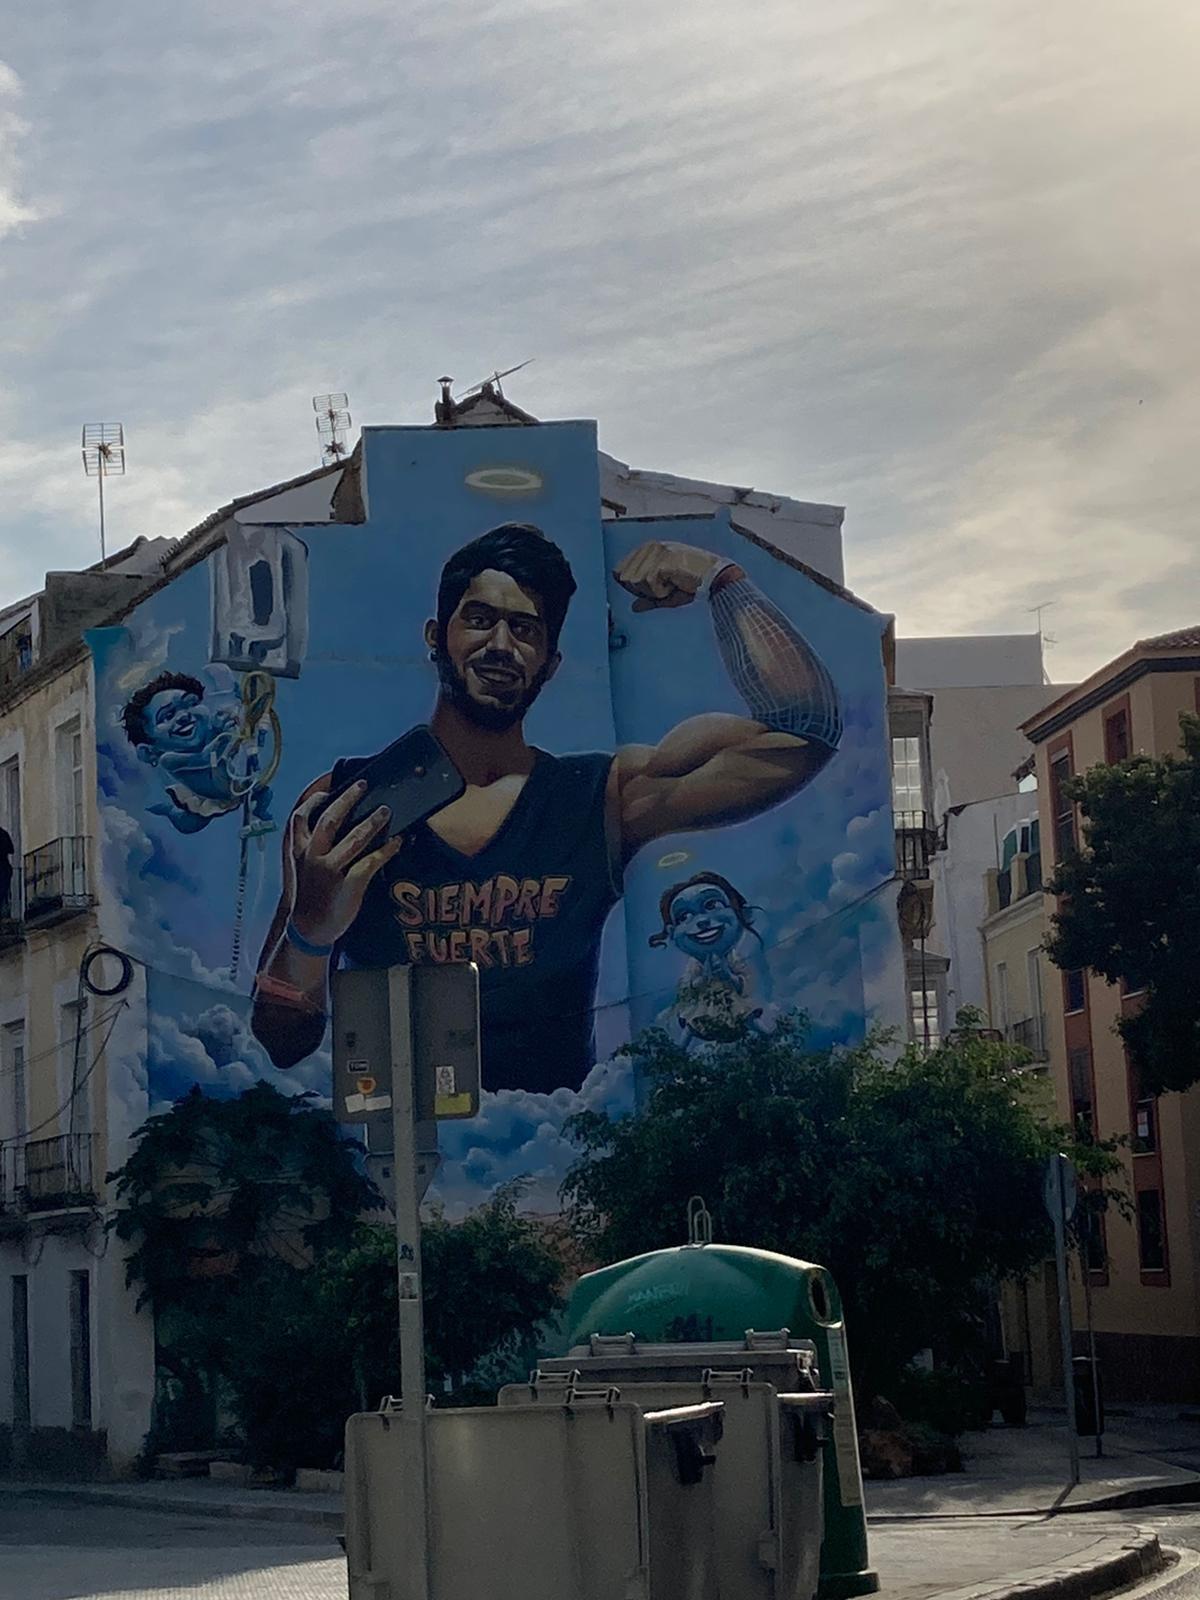 freetour-street-art-malaga-2